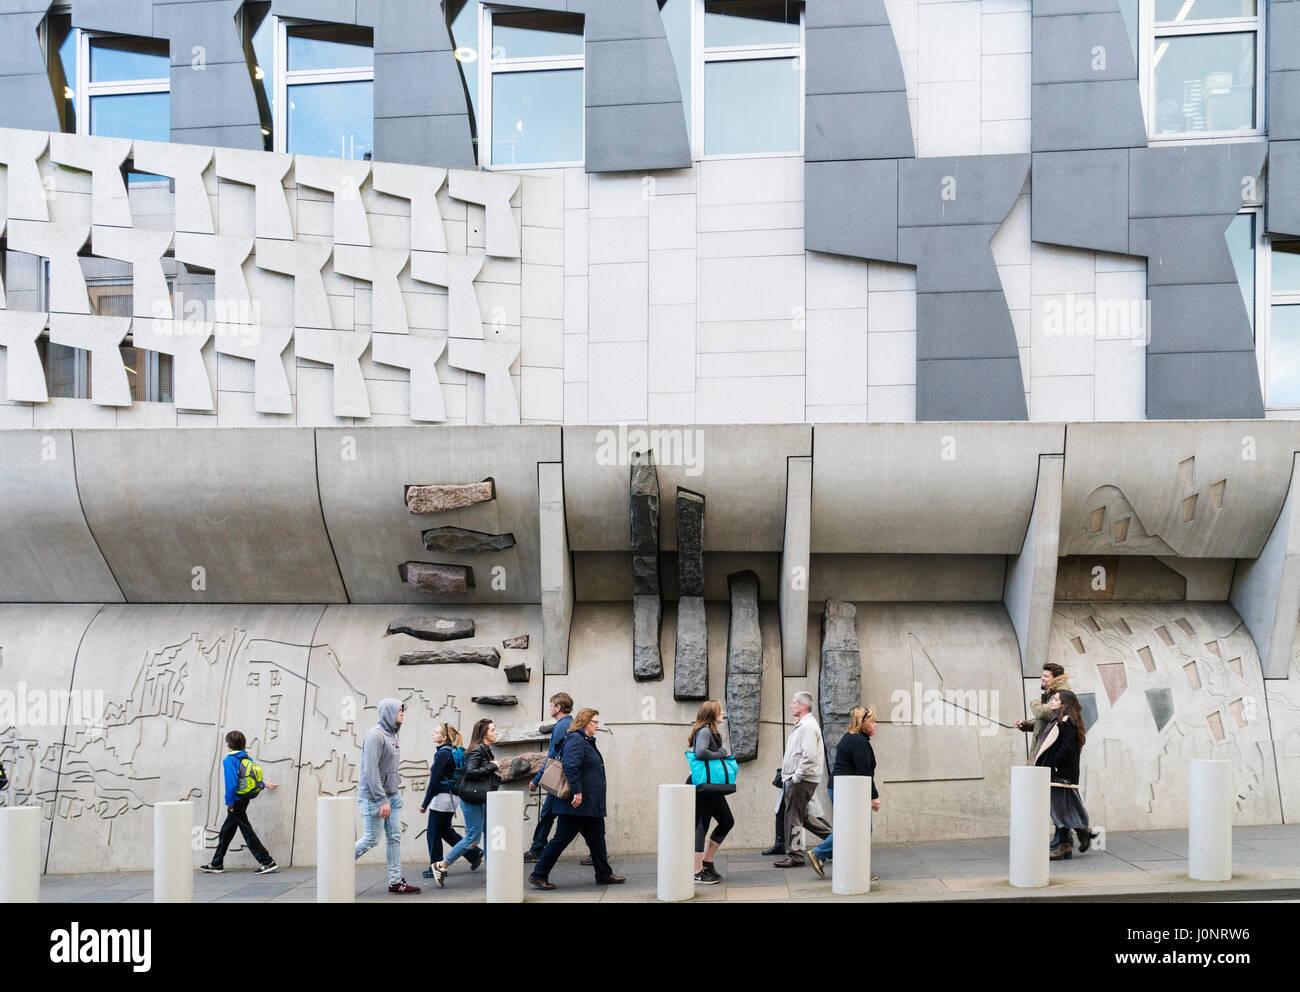 Vista di architettura esterna dell edificio del Parlamento scozzese a Holyrood, Edimburgo, Scozia, Regno Unito Foto Stock